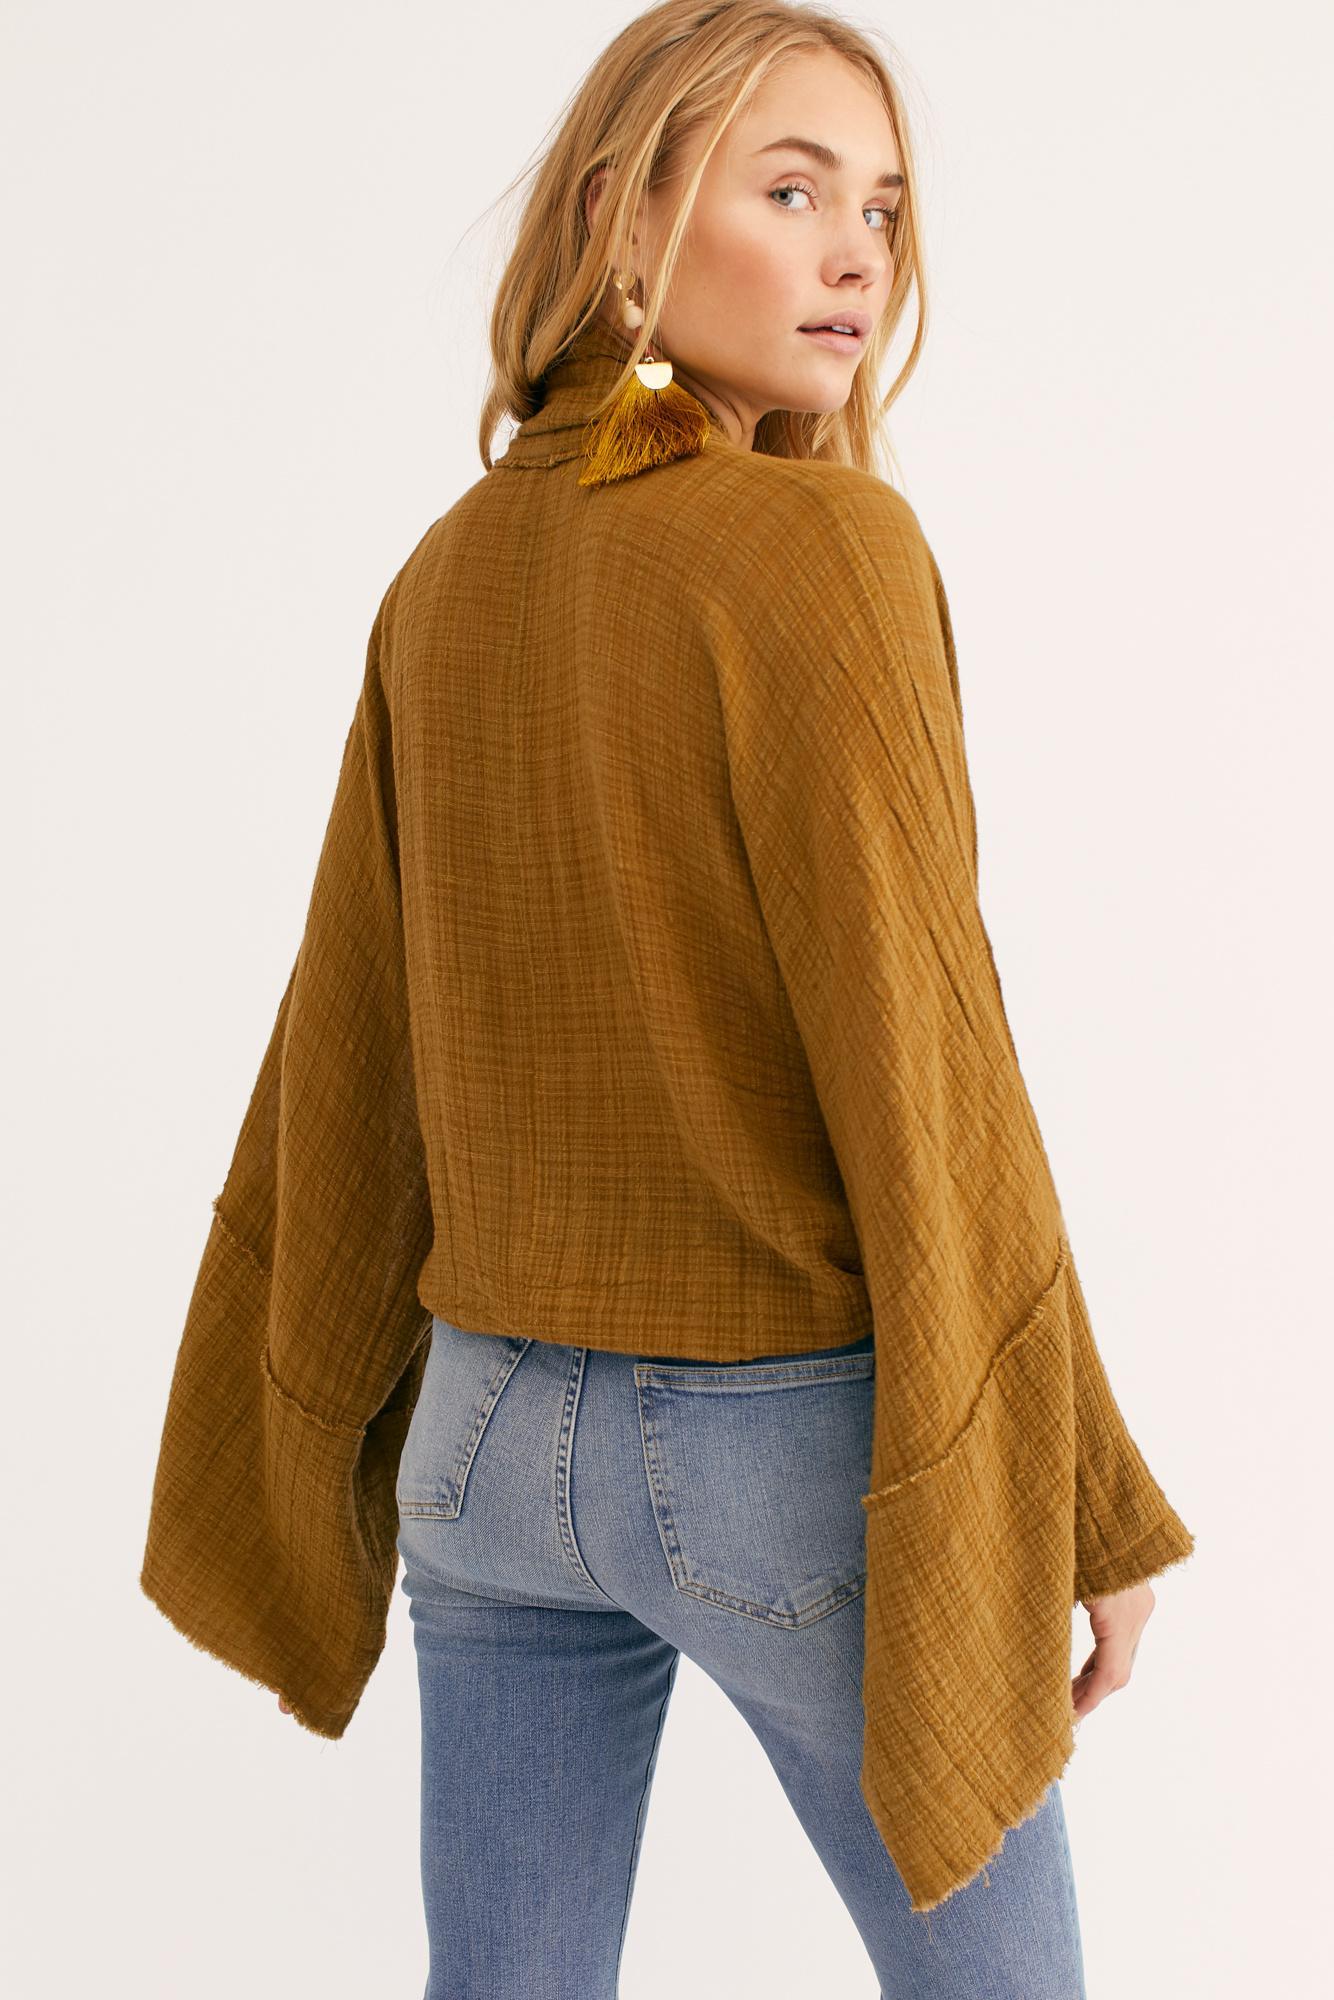 FP One Azalea Kimono | Kimono style tops, Style, Free